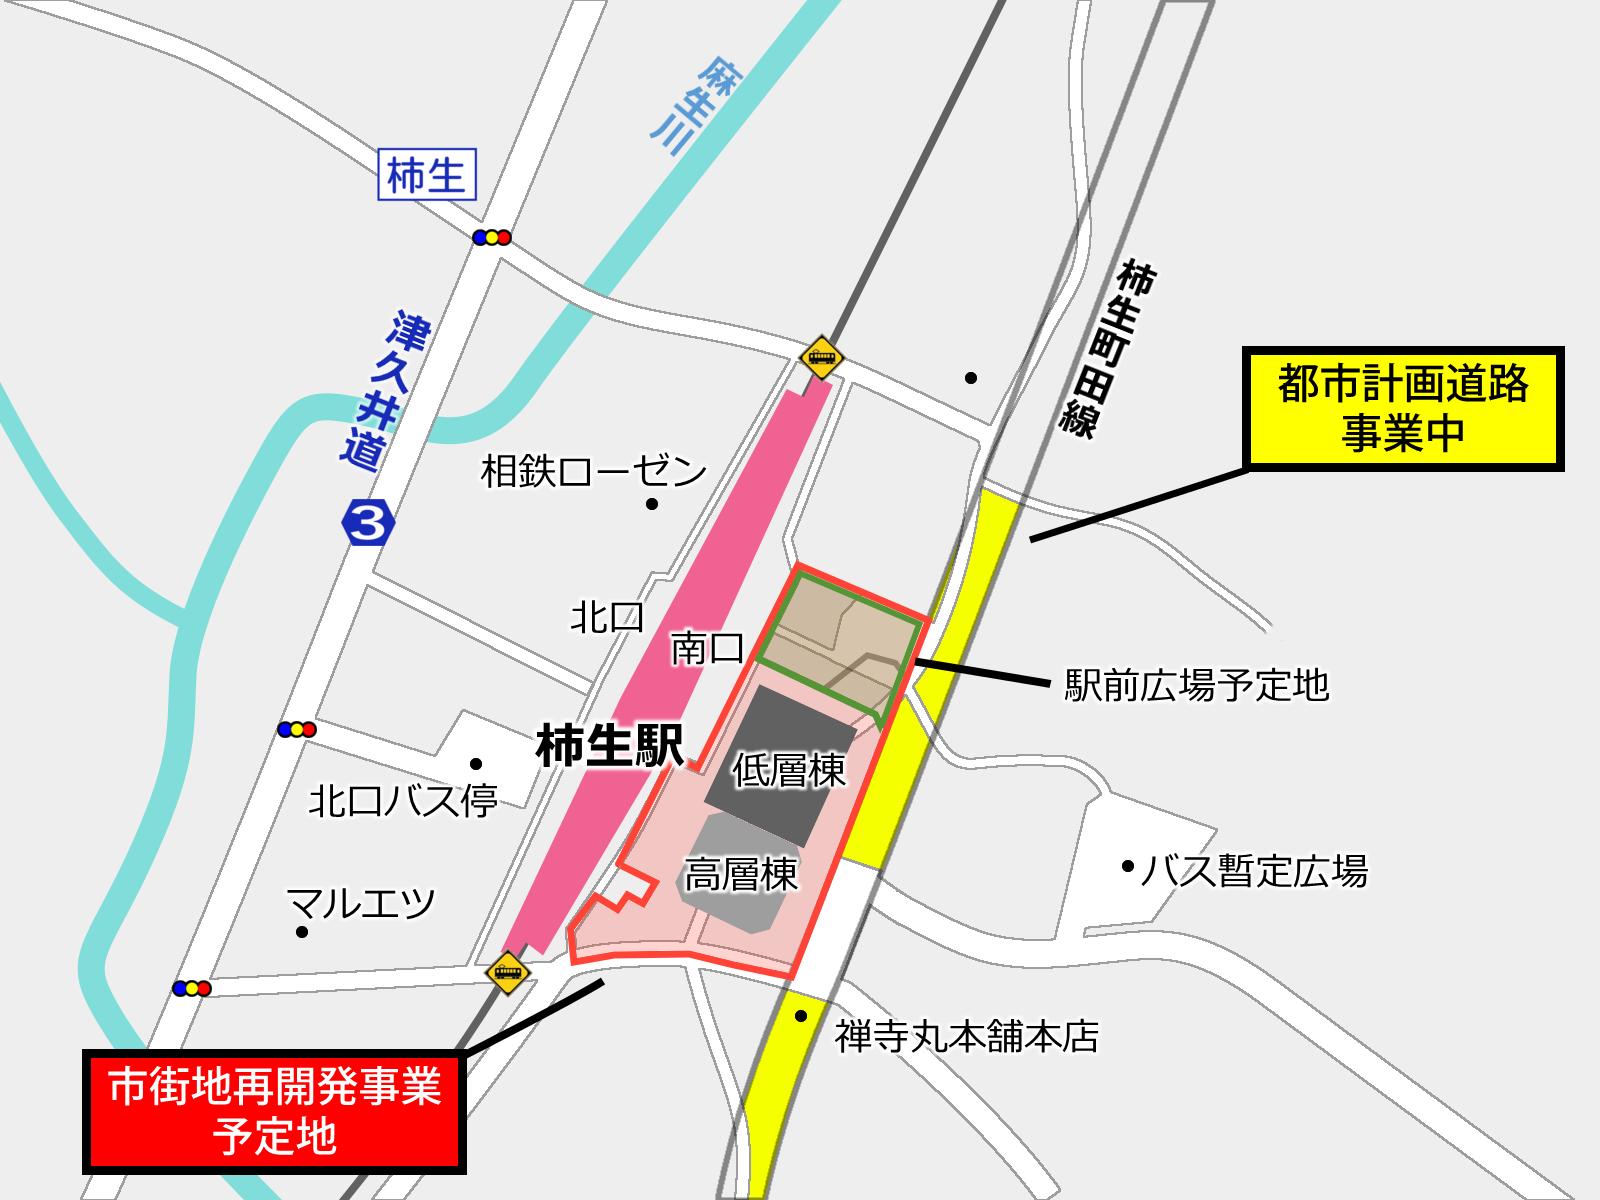 柿生駅南口再開発が始動 駅前に30階建て高層ビル建設へ 着手前の状況_a0332275_01191379.png